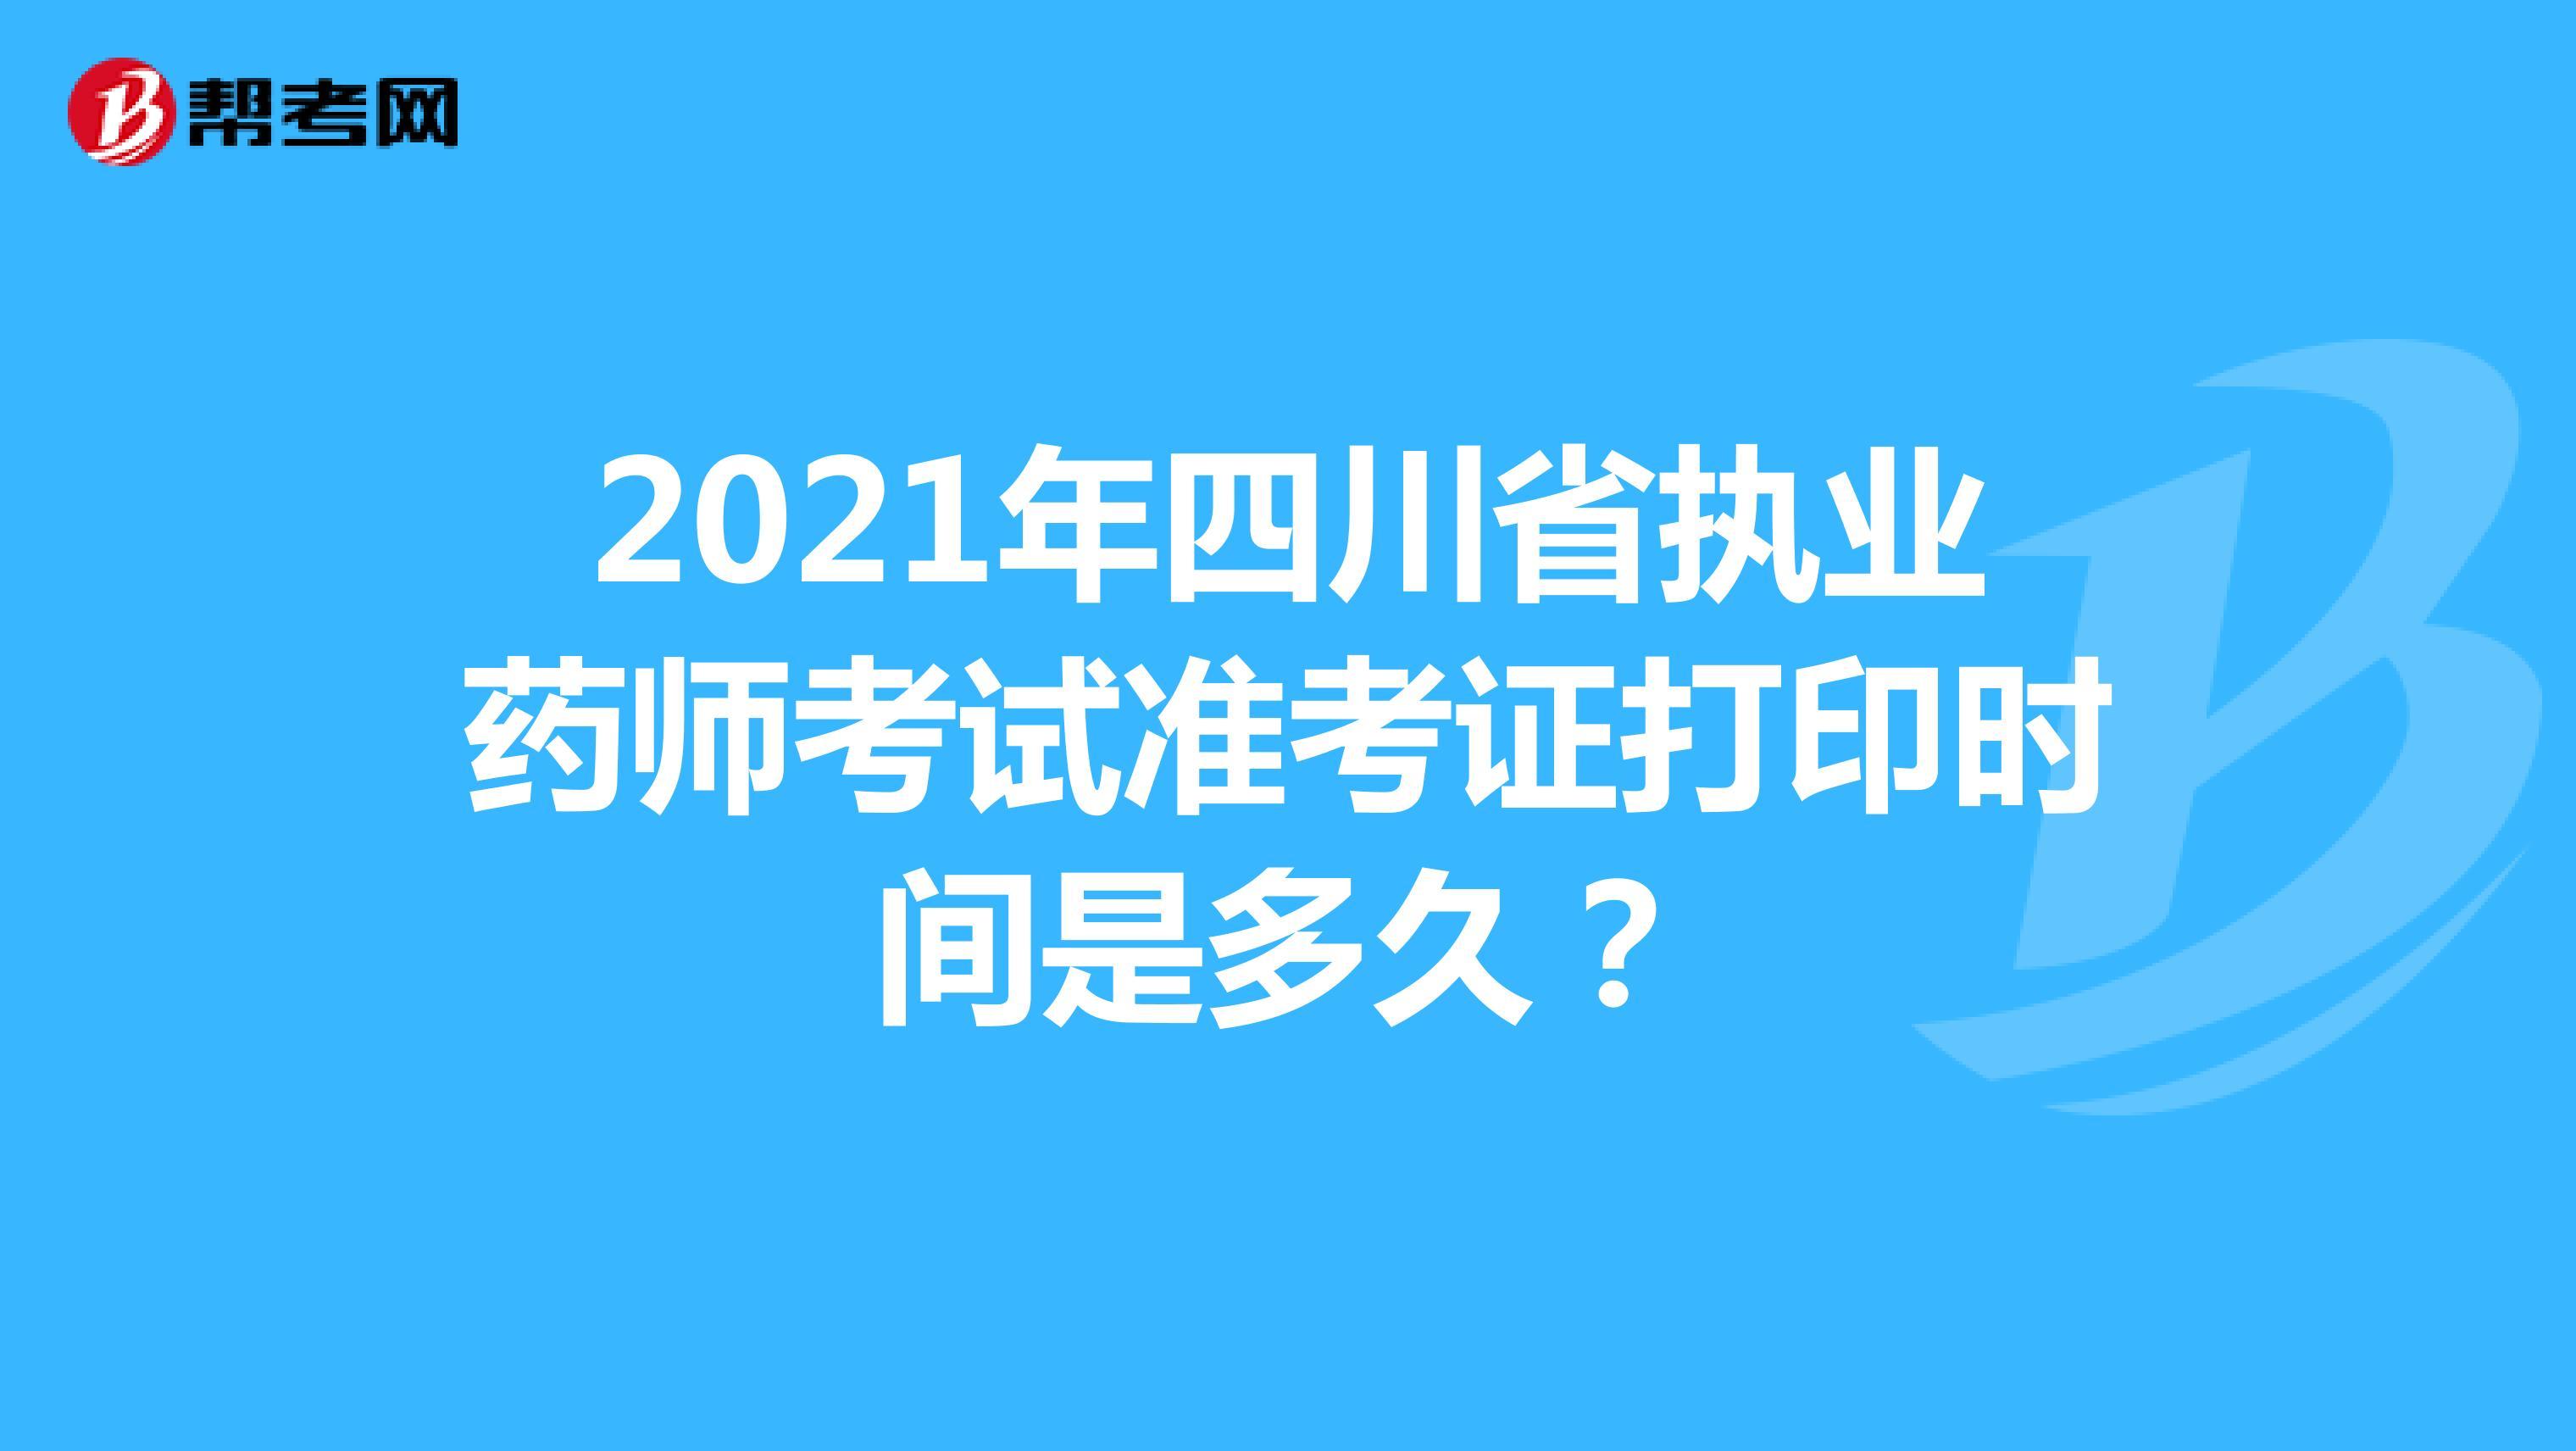 2021年四川省执业药师考试准考证打印时间是多久?